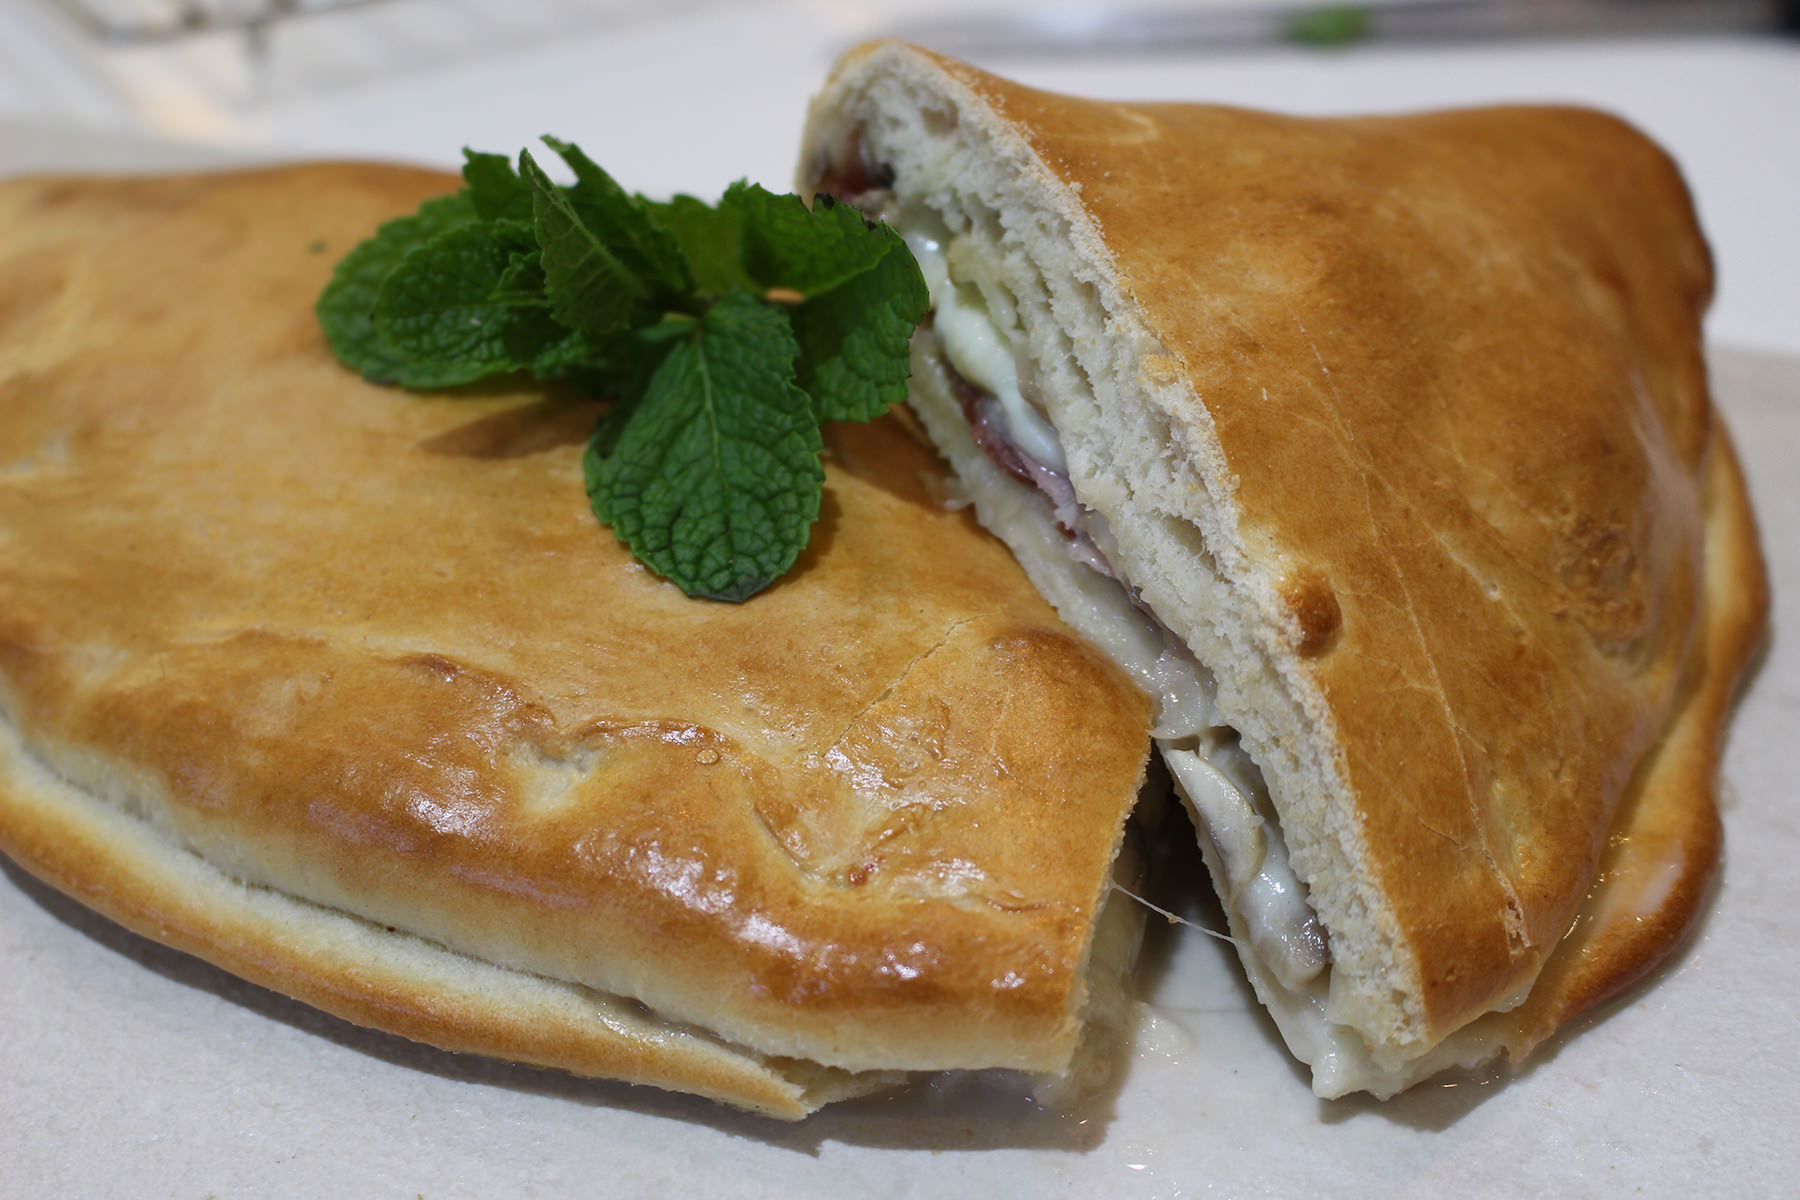 Curso de técnicas básicas de la Escuela de cocina TELVA - Programa - Pizza y calzone